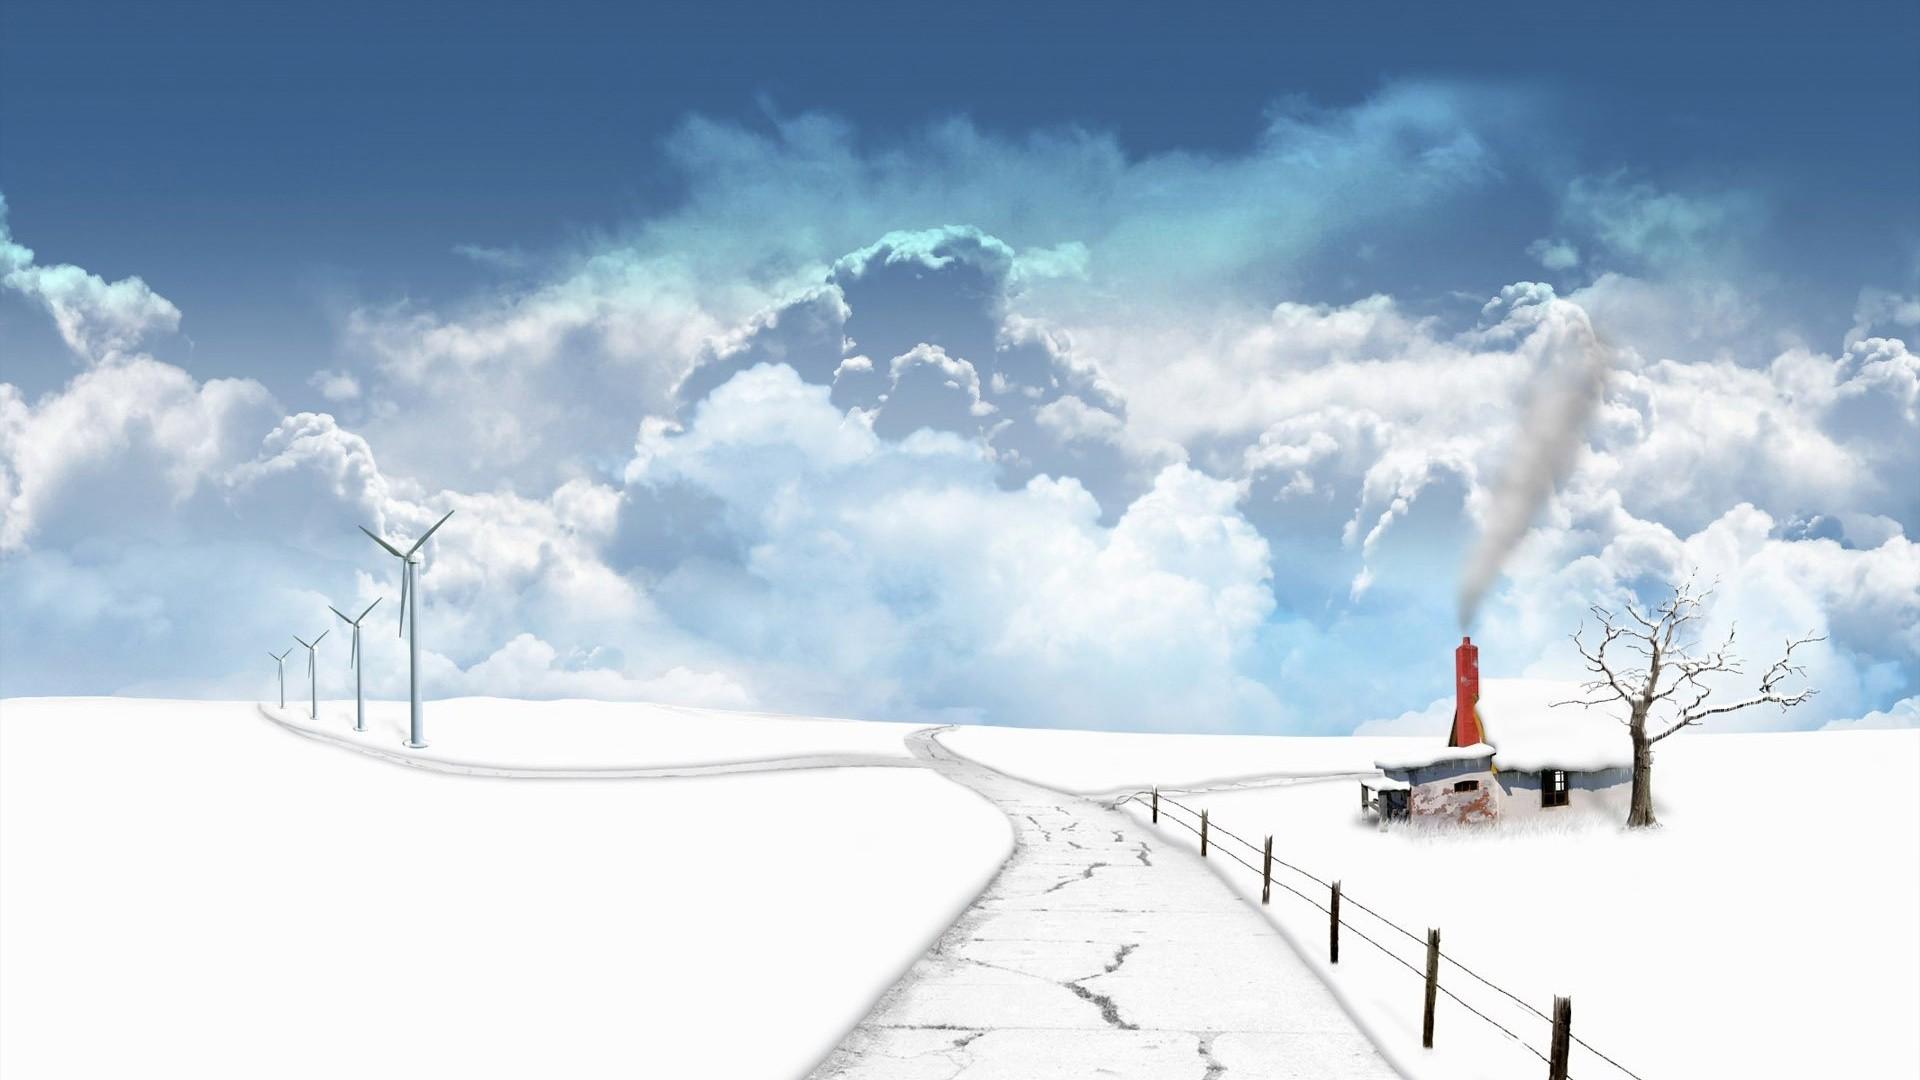 Winter Desktop Wallpaper   Wallpaper High Definition High Quality 1920x1080